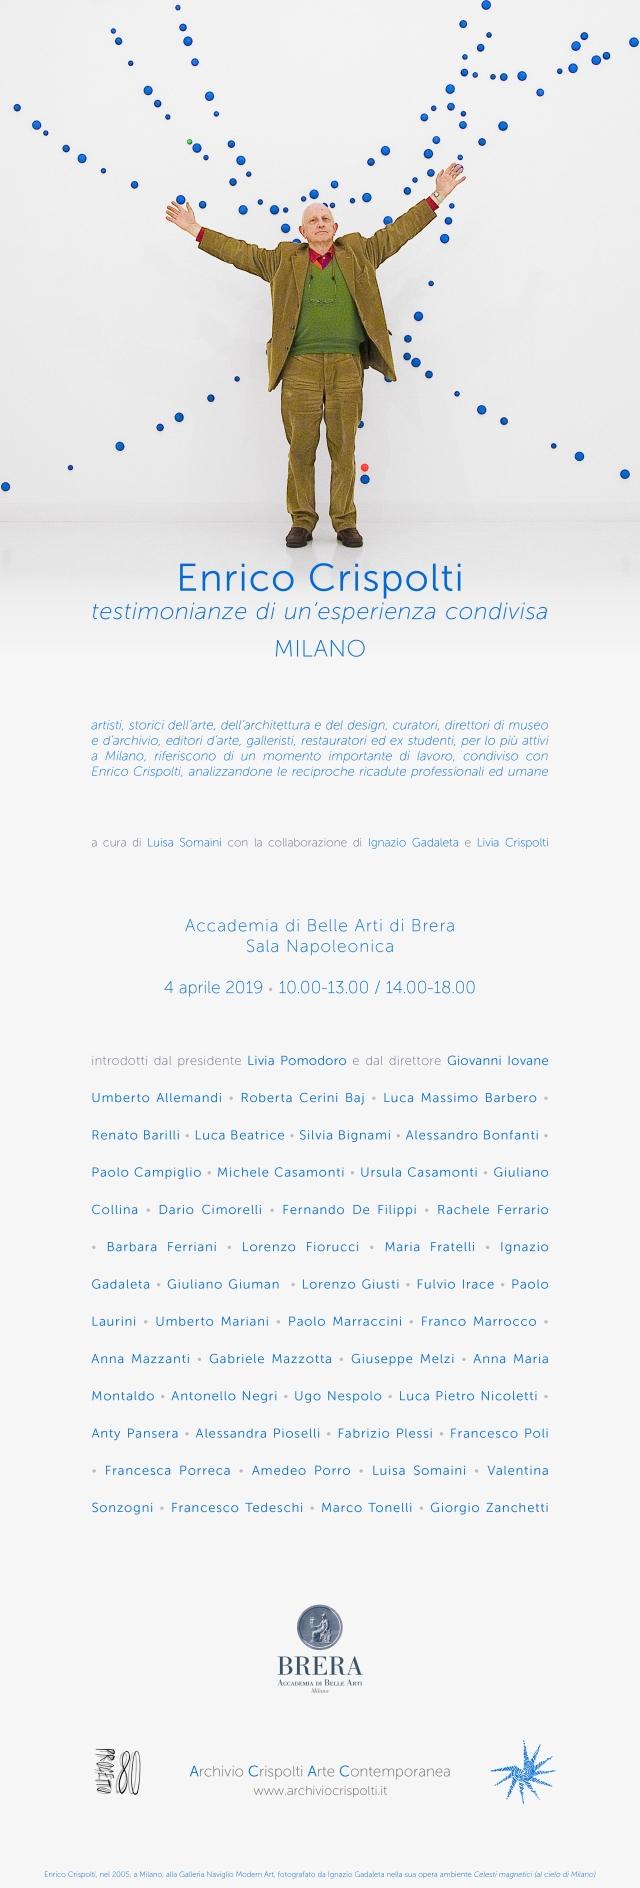 Enrico Crispolti Milano 4_04_2019 INVITO